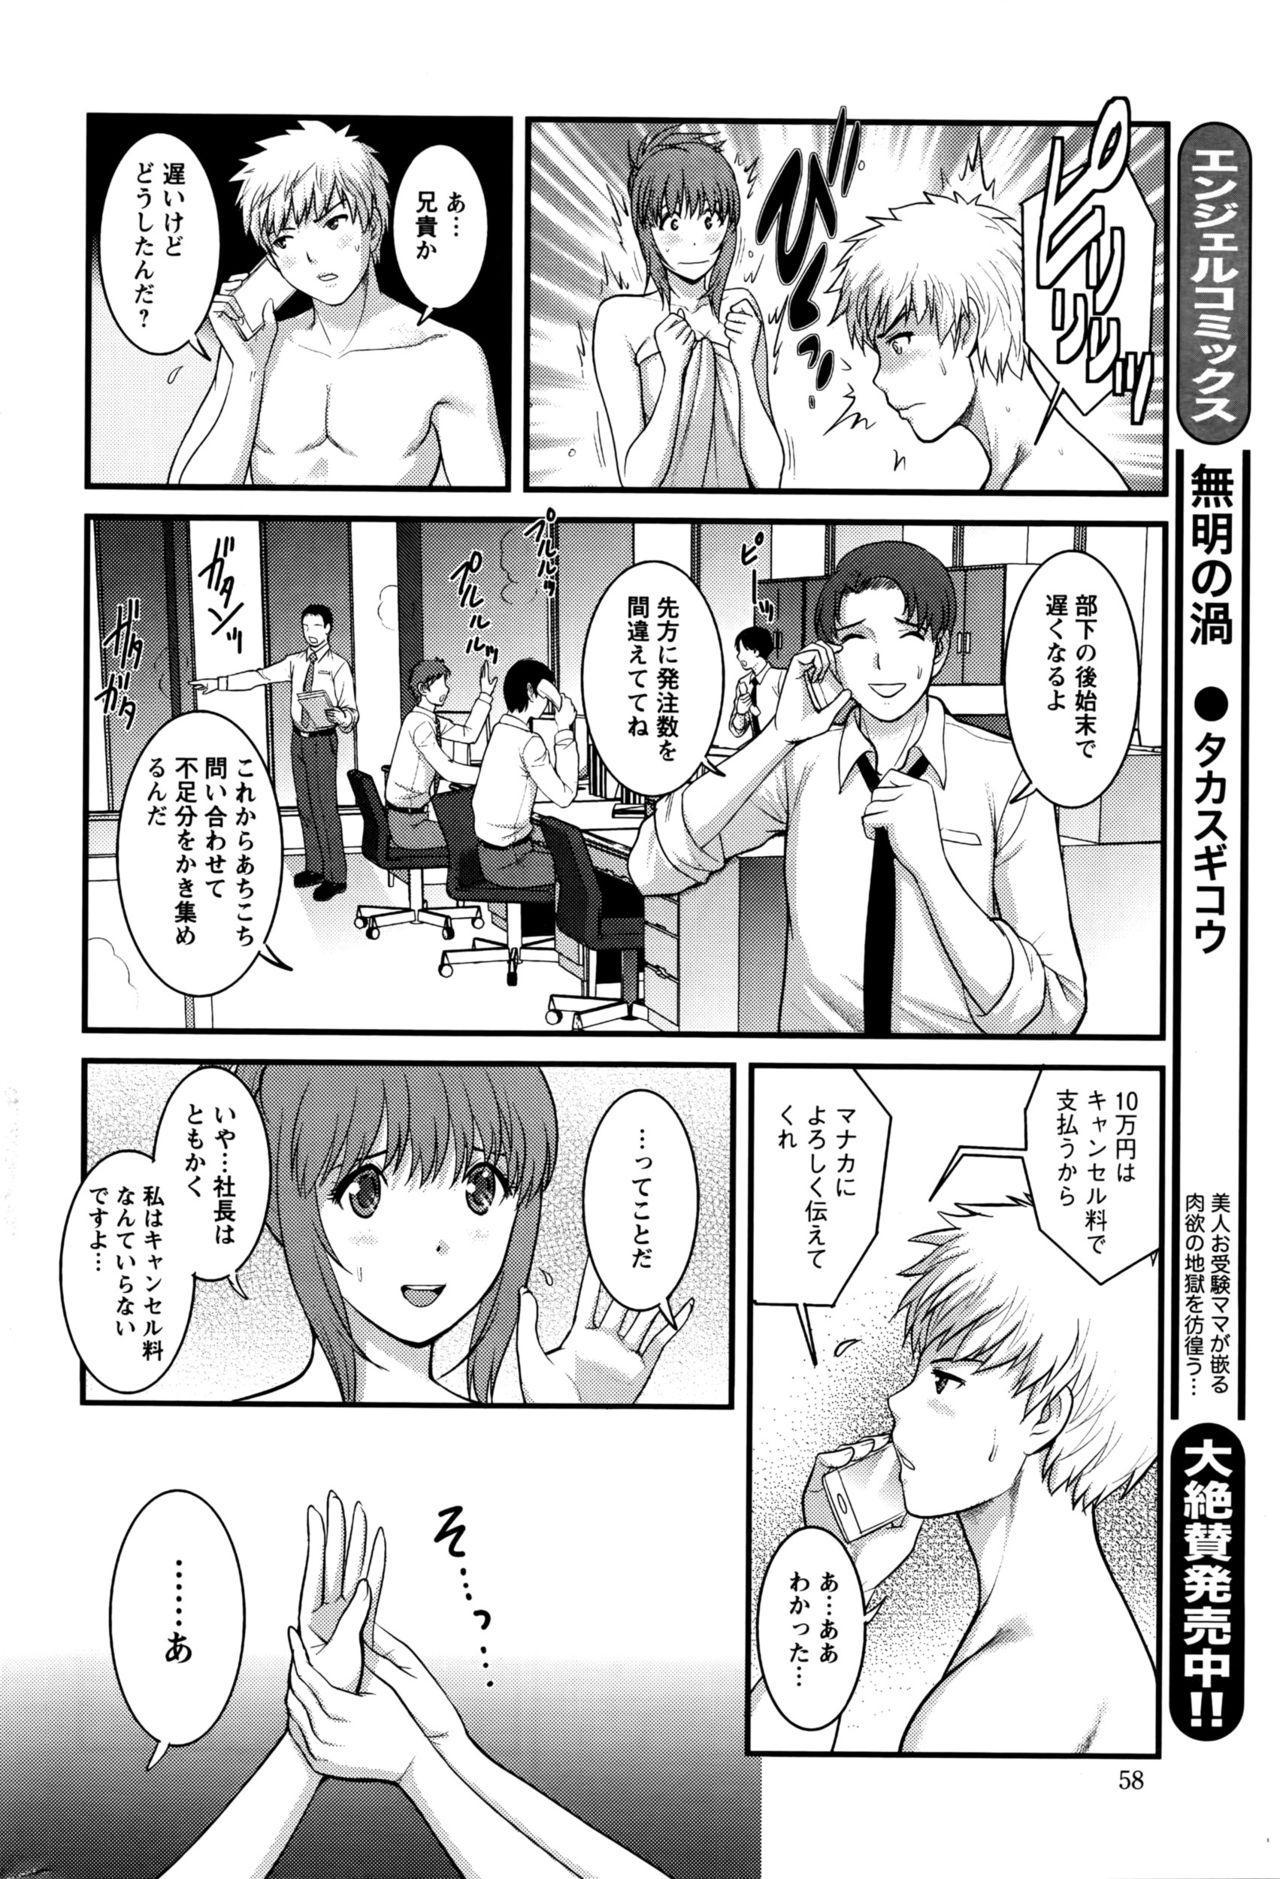 [Saigado] Part time Manaka-san 2nd Ch. 1-3 50